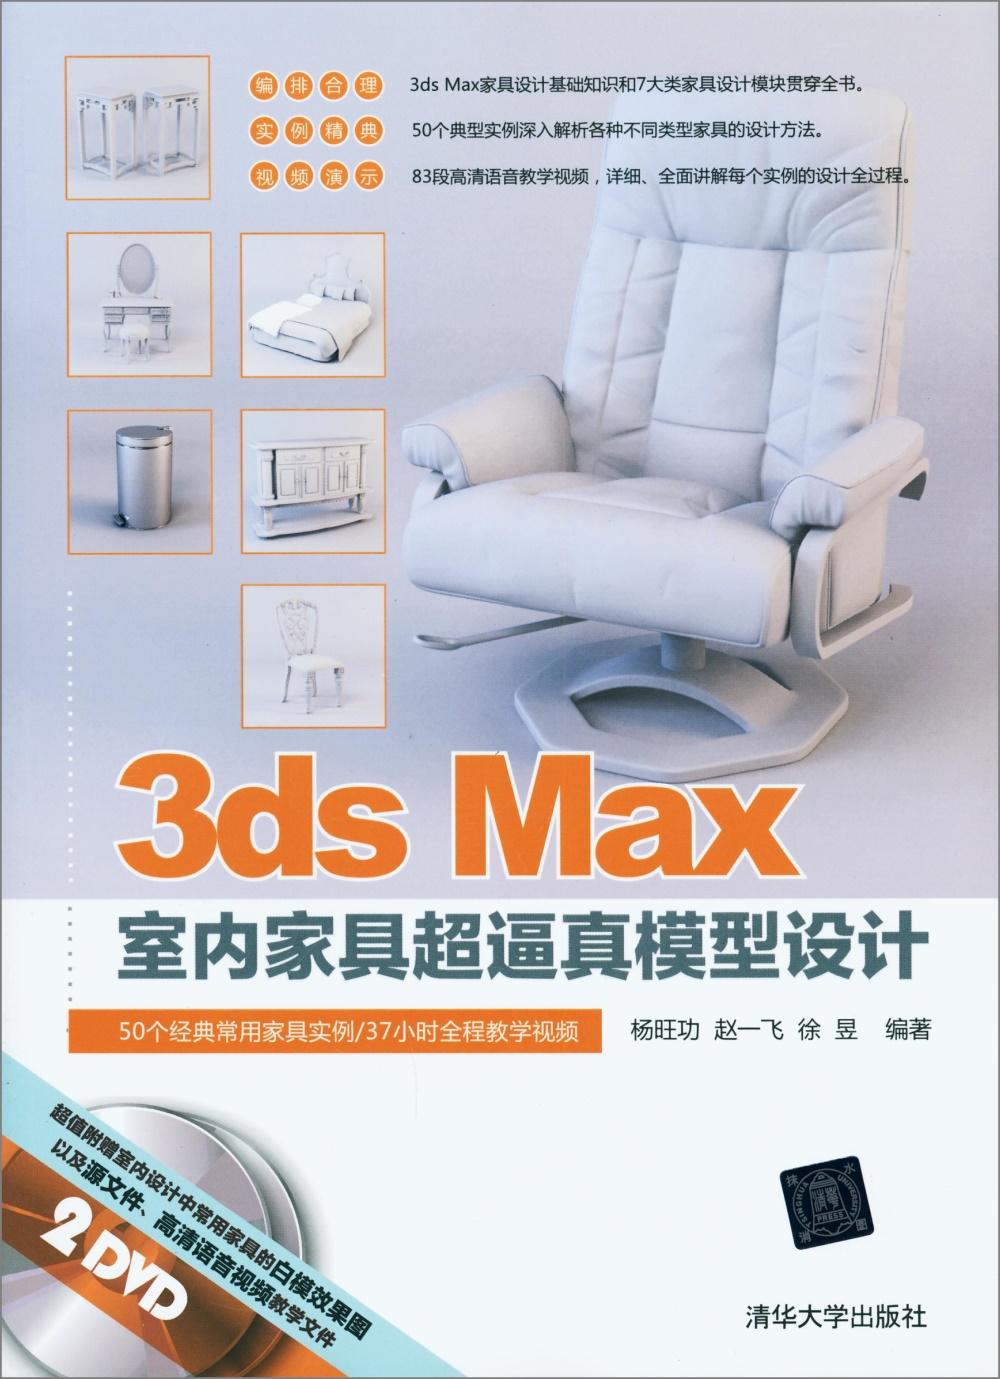 3ds Max室內家具超逼真模型設計